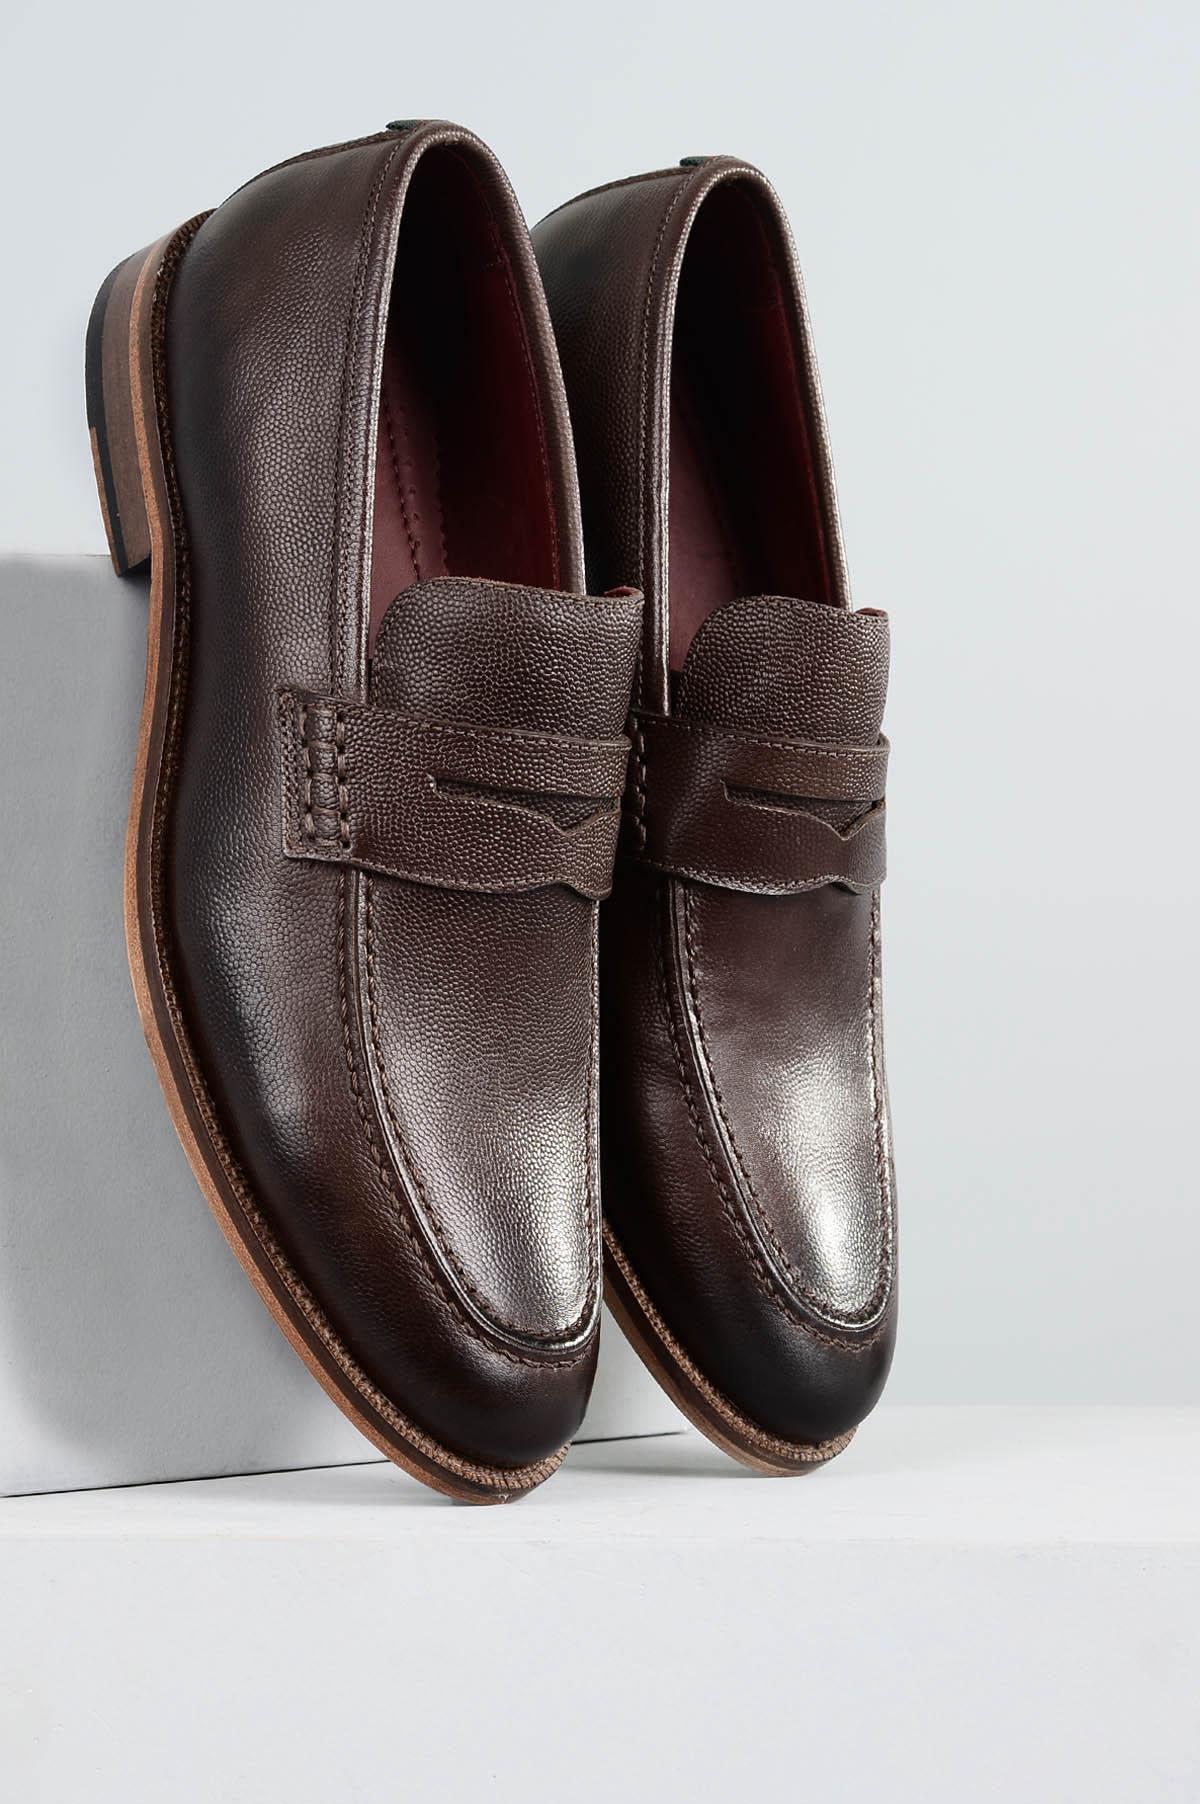 1ed93fc626c01 Sapato Masculino Rodrigo Mundial CR - CAFE - Mundial Calçados